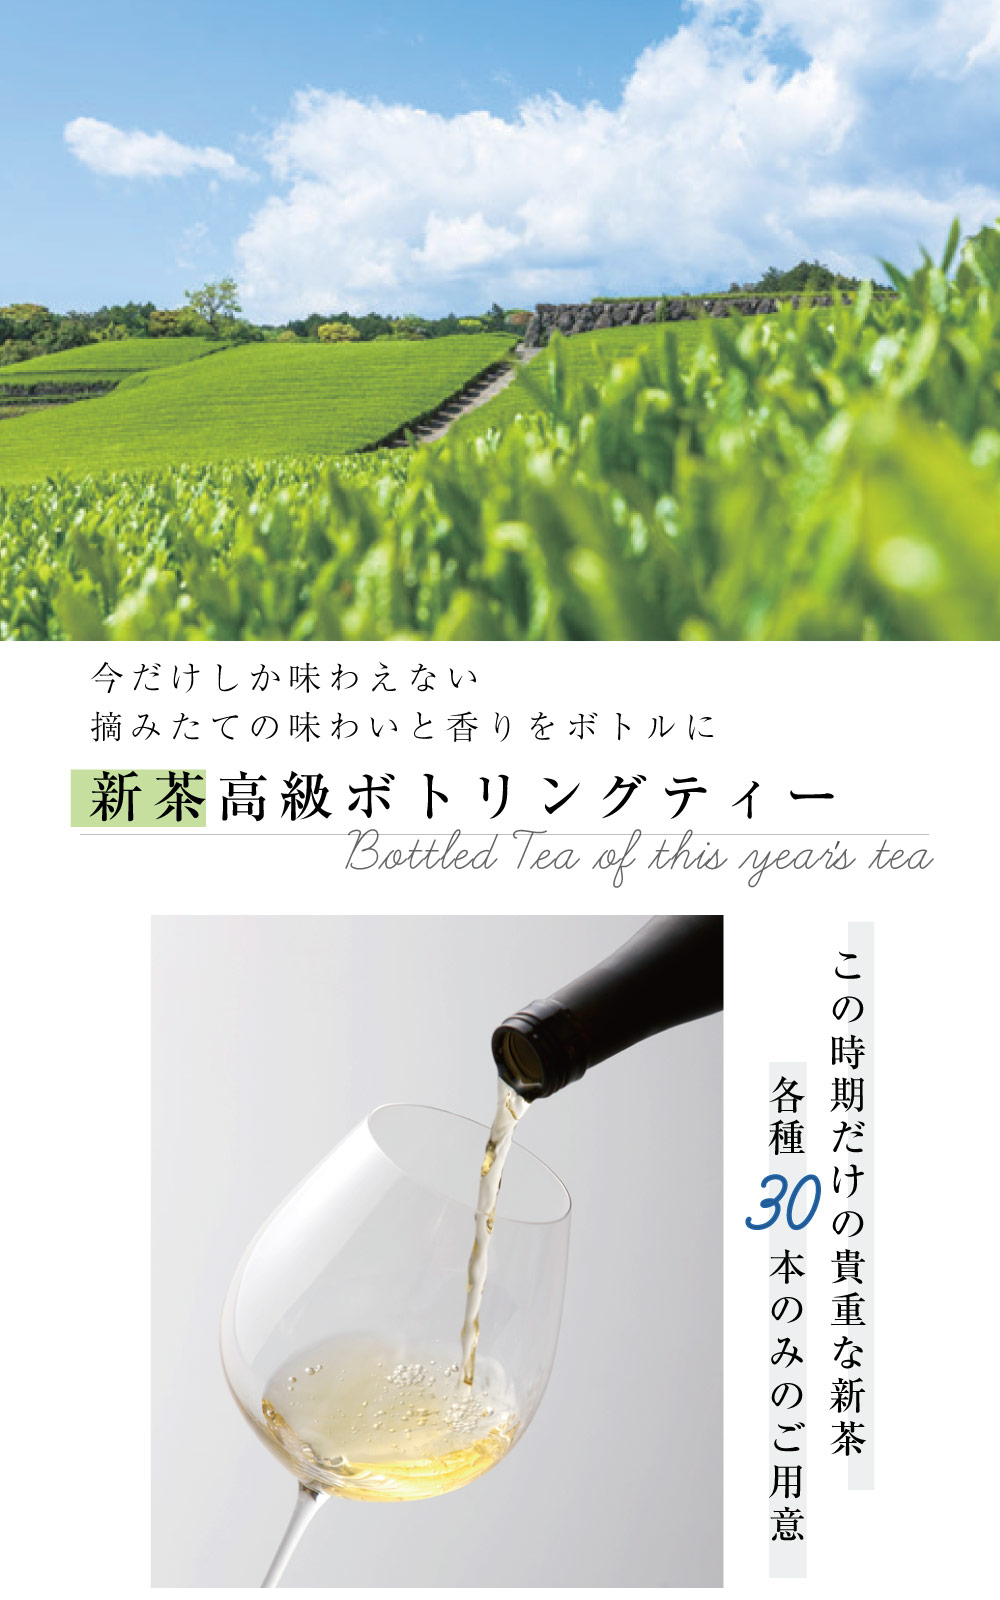 新茶のボトリングティー 新茶 日本茶 高級なギフト 母の日の贈り物 父の日の贈り物